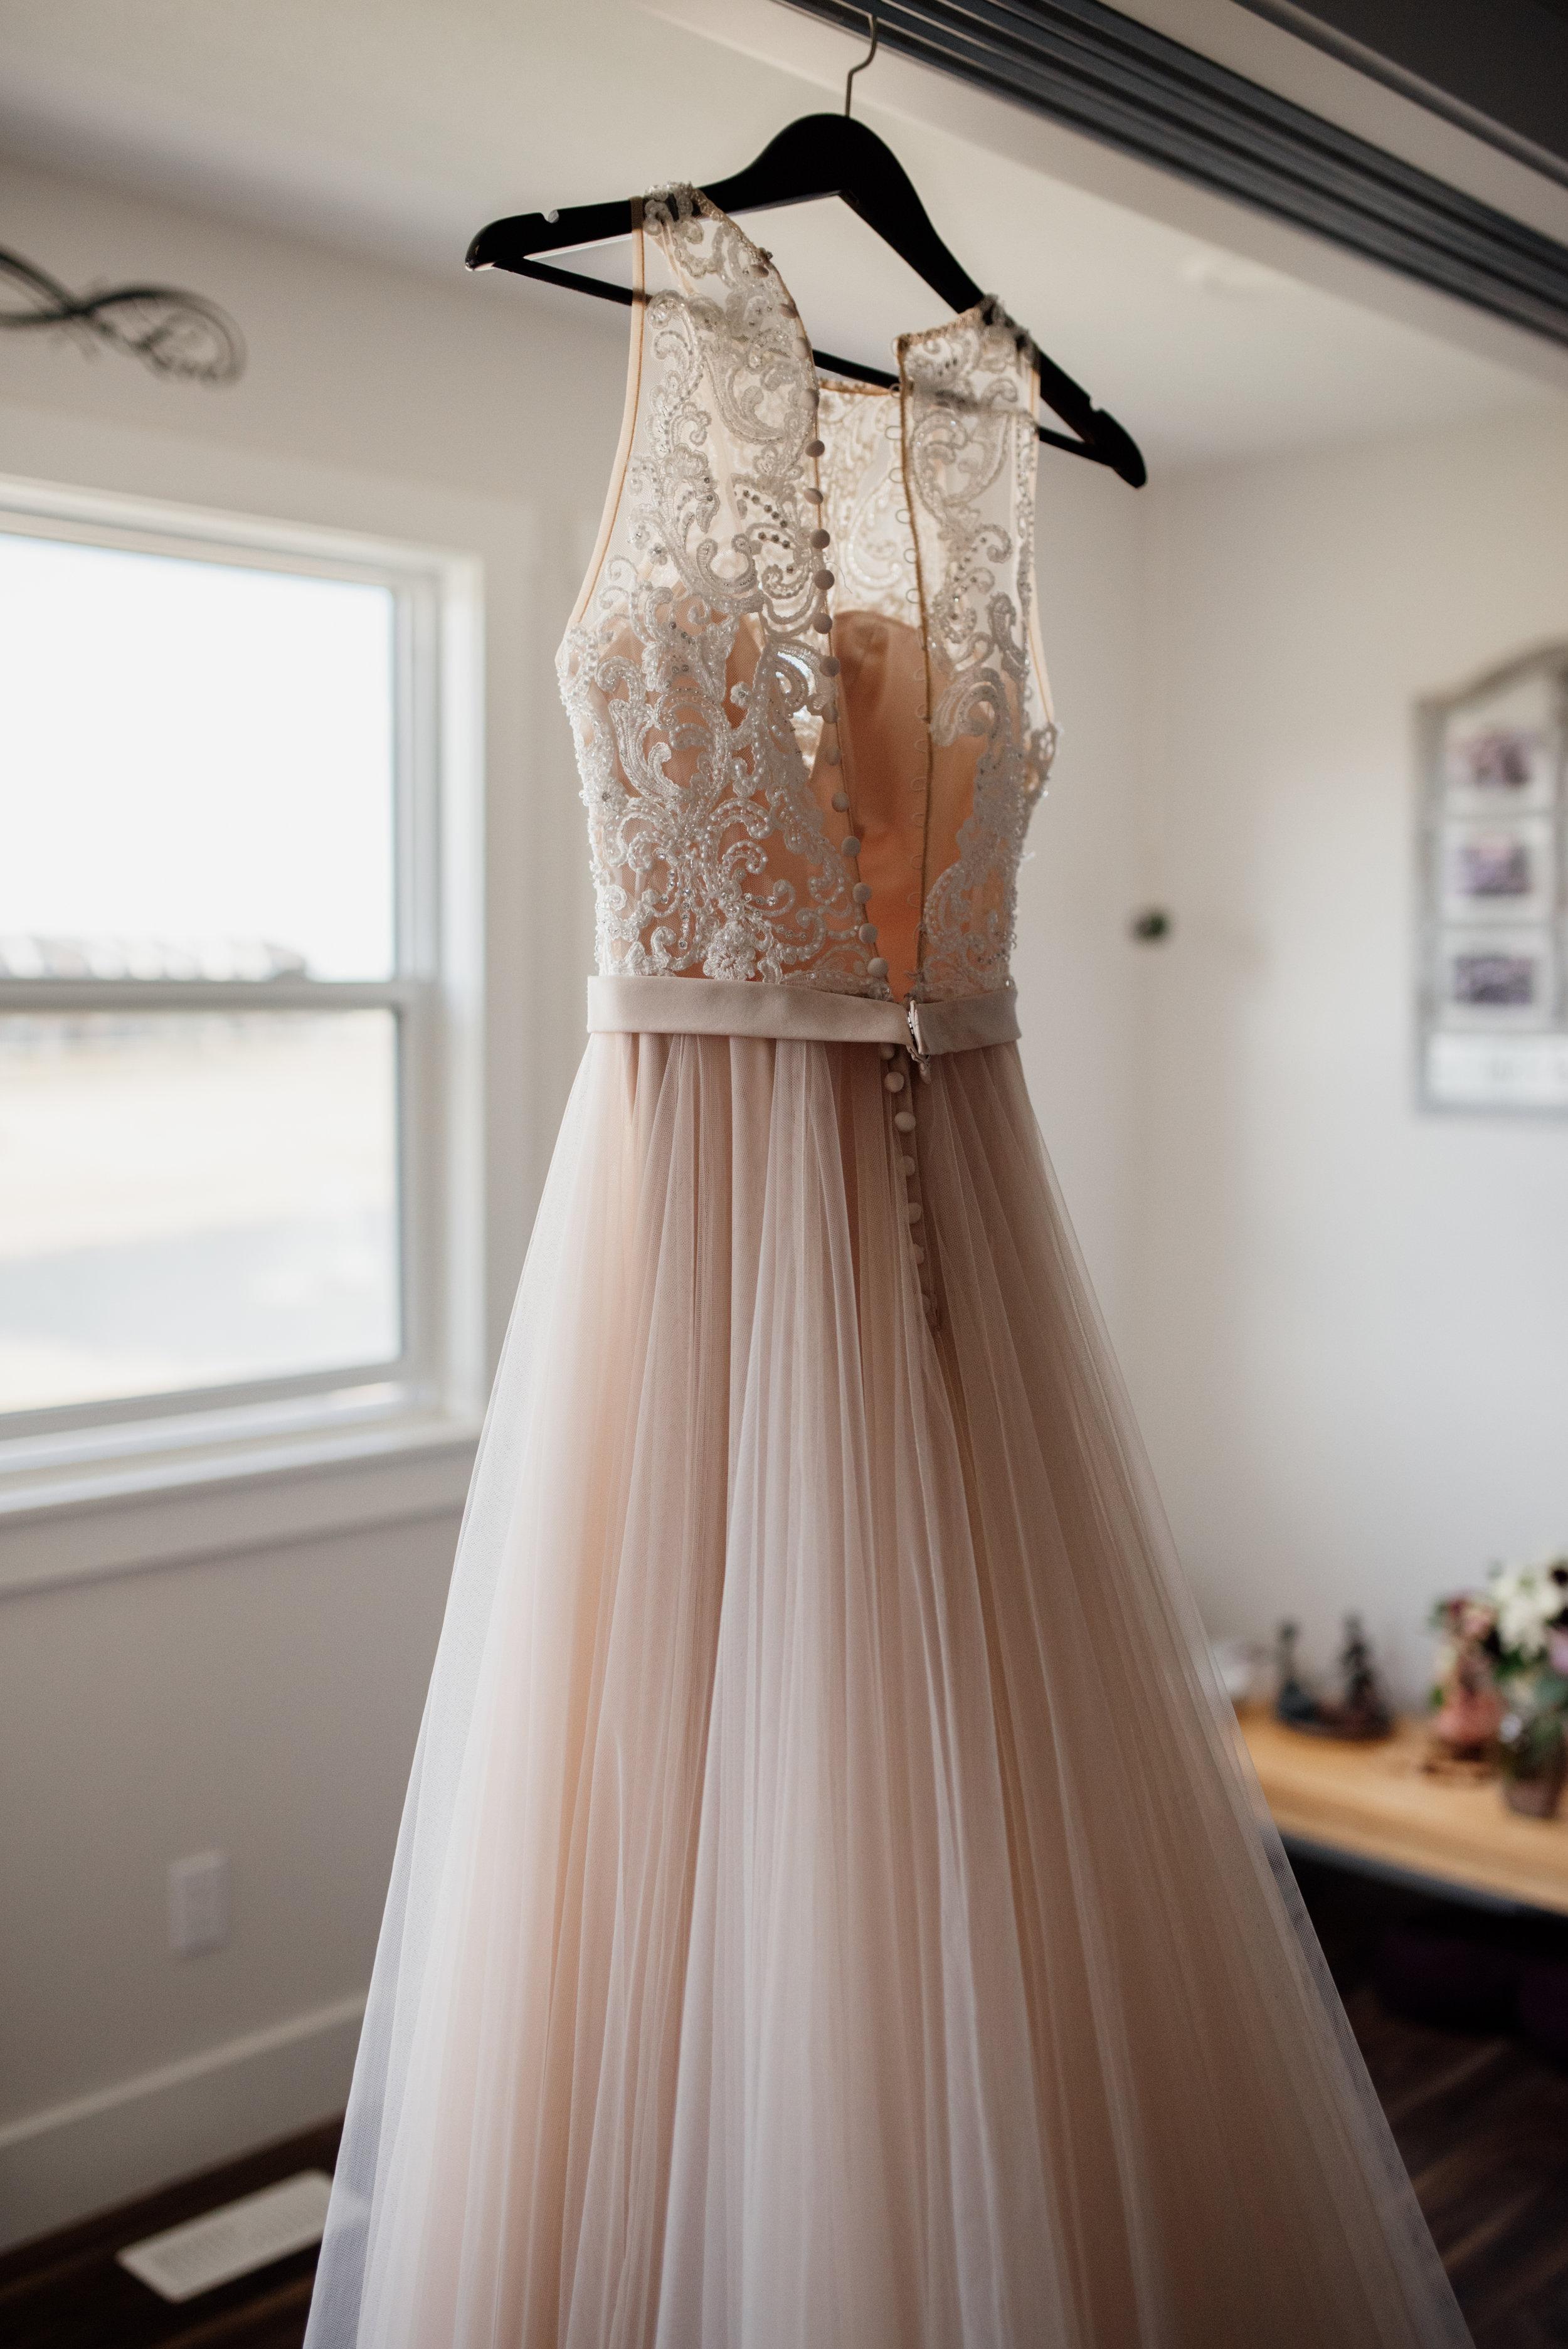 Edmonton Wedding Photographer | Rockwood Photography | Wedding dress